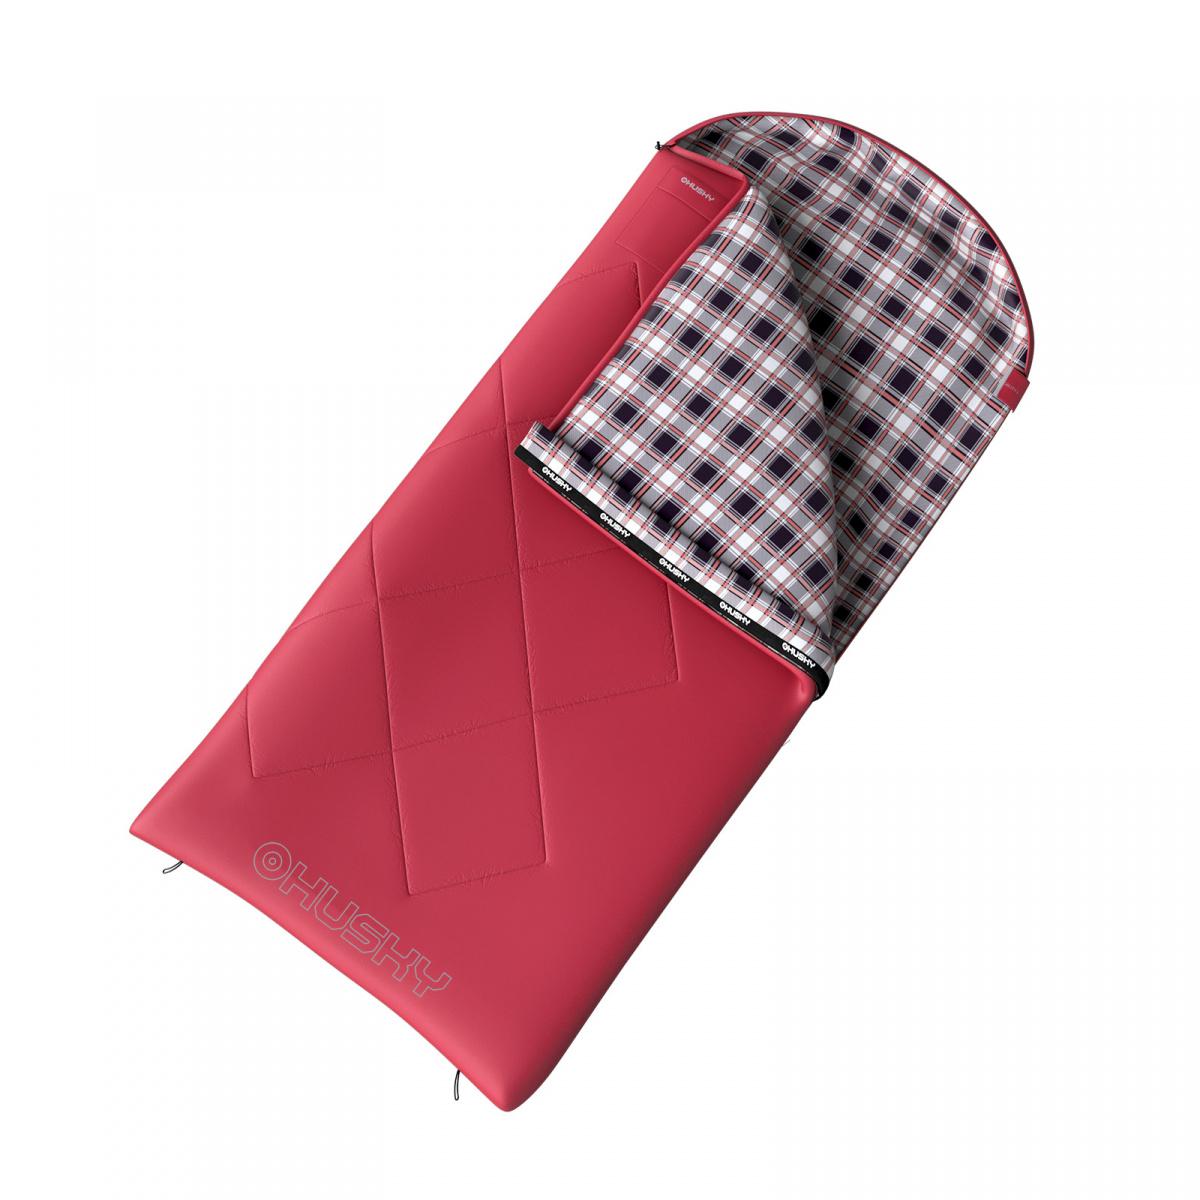 GROTY L -5С 200x85 спальный мешок (красный